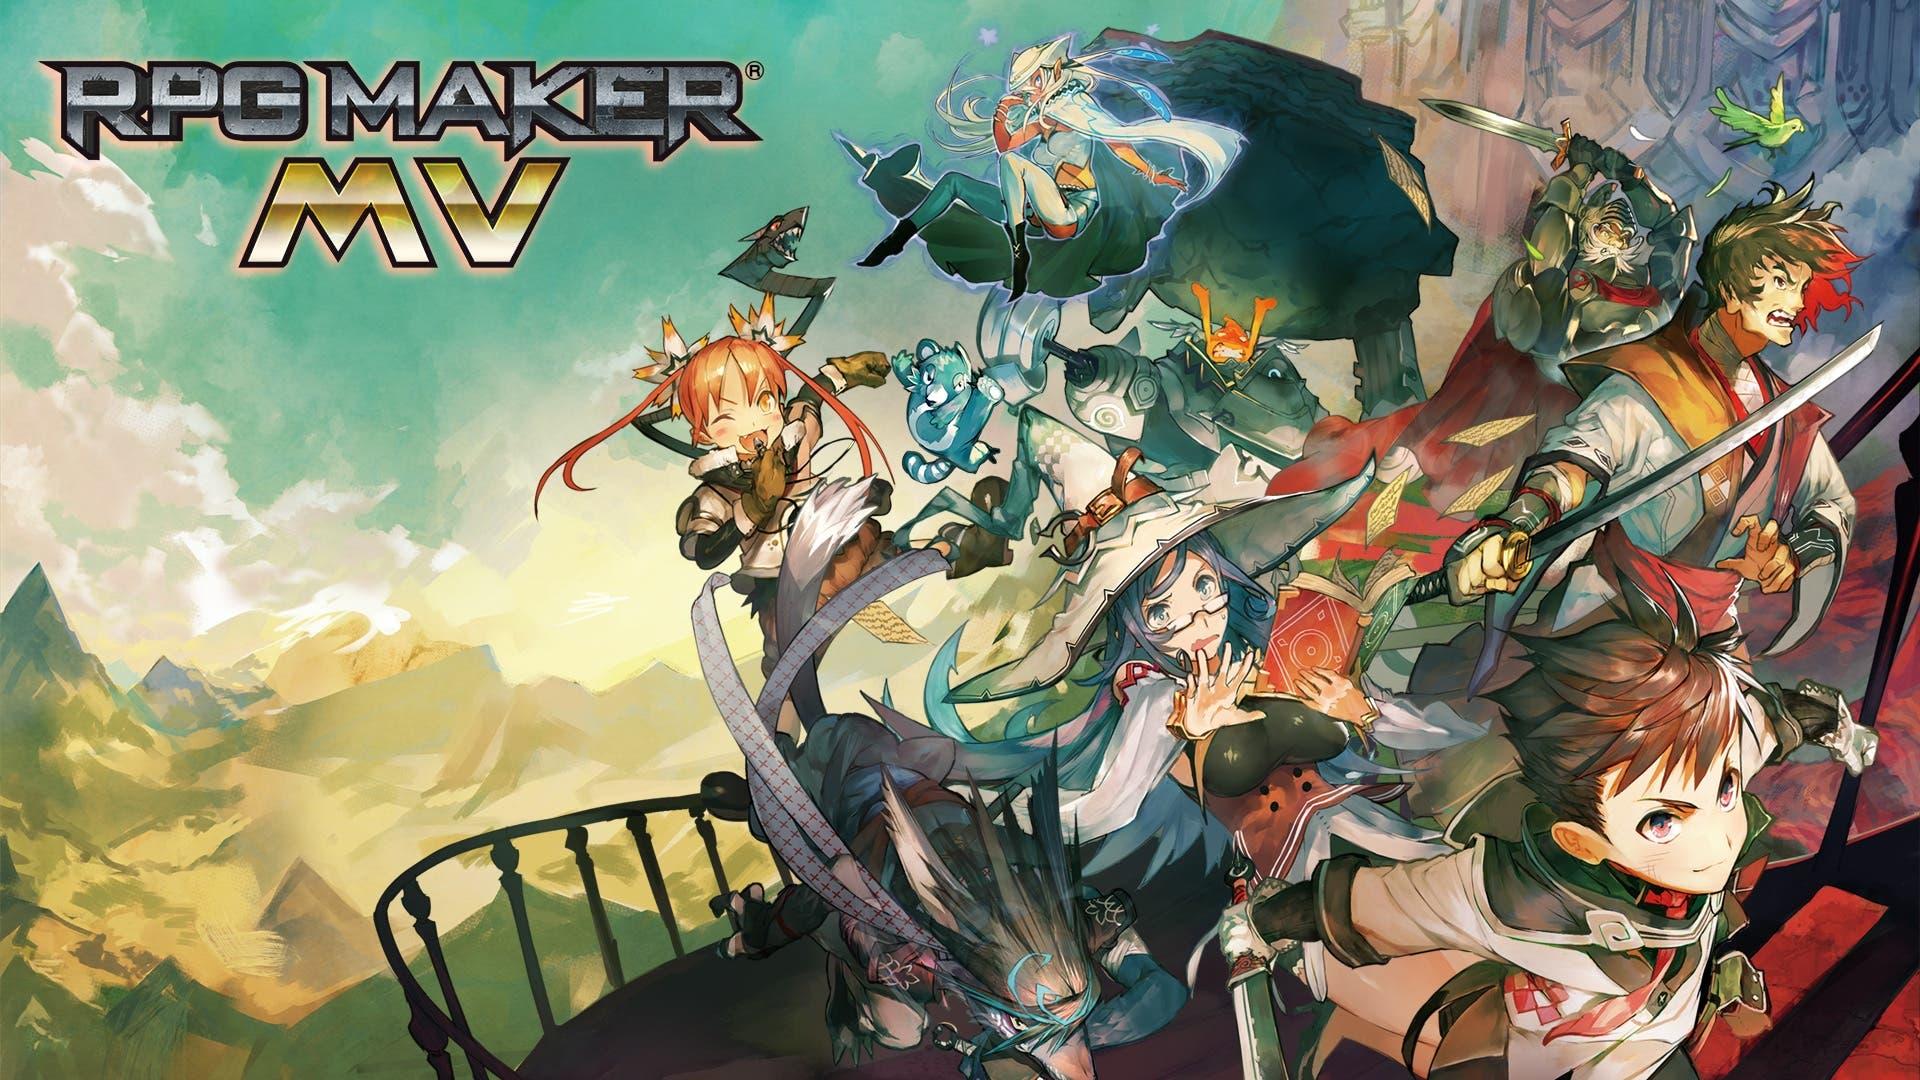 RPG Maker MV celebra su estreno en Nintendo Switch con este nuevo tráiler